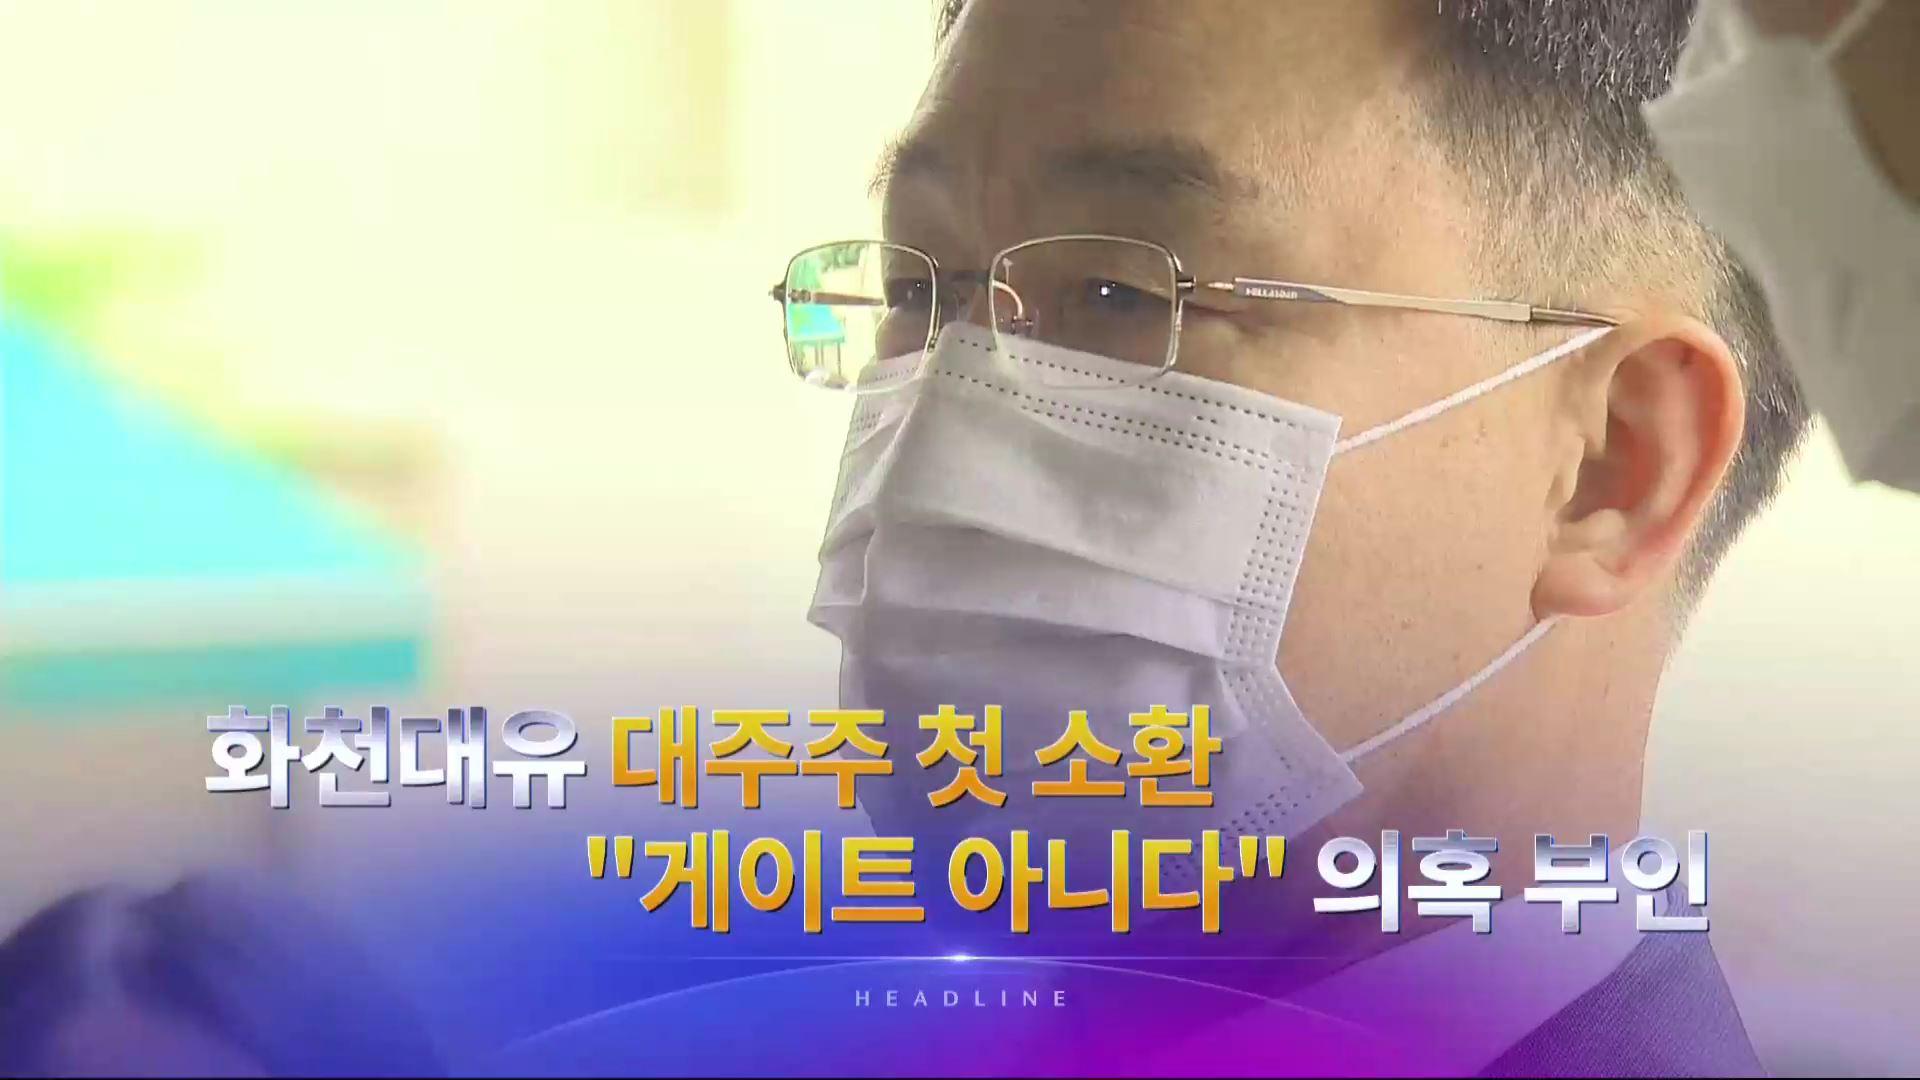 9월 27일 '뉴스 9' 헤드라인